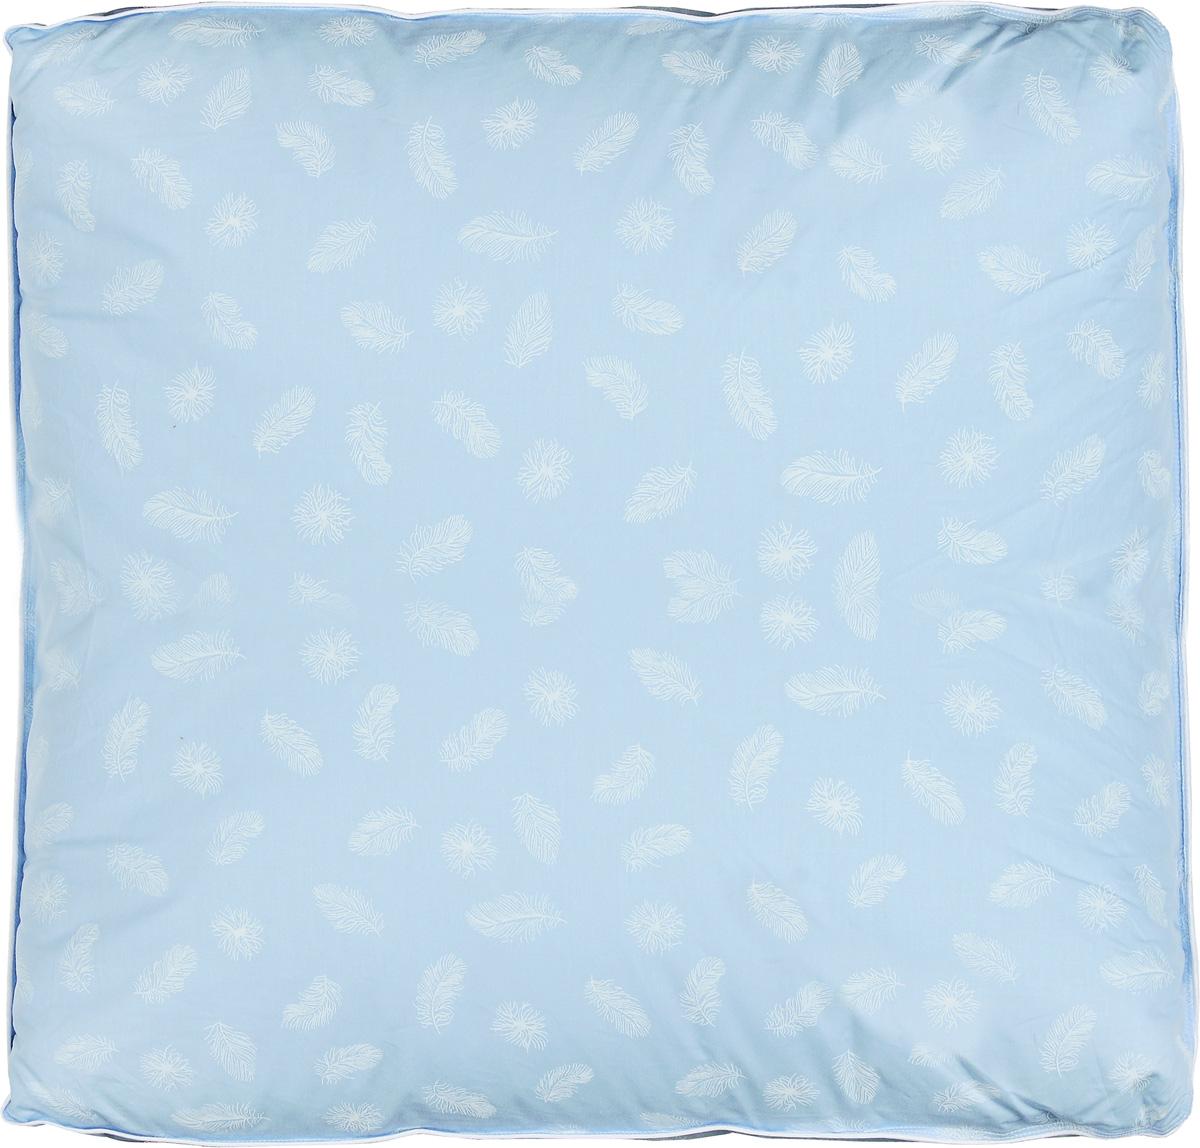 Подушка Легкие сны Нежная, наполнитель: гусиный пух первой категории, 68 х 68 смCLP446Подушка Легкие сны Нежная поможет расслабиться, снимет усталость и подарит вам спокойный и здоровый сон. Наполнителем этой подушки является воздушный и легкий гусиный пух первой категории. Чехол выполнен из гладкого, шелковистого и при этом достаточно прочного тика (100% хлопка). По краю подушки выполнена отделка кантом. Это отличный вариант для подарка себе и своим близким и любимым.Рекомендации по уходу:Деликатная стирка при температуре воды до 30°С.Отбеливание, барабанная сушка и глажка запрещены.Разрешается обычная химчистка. Степень поддержки: средняя.